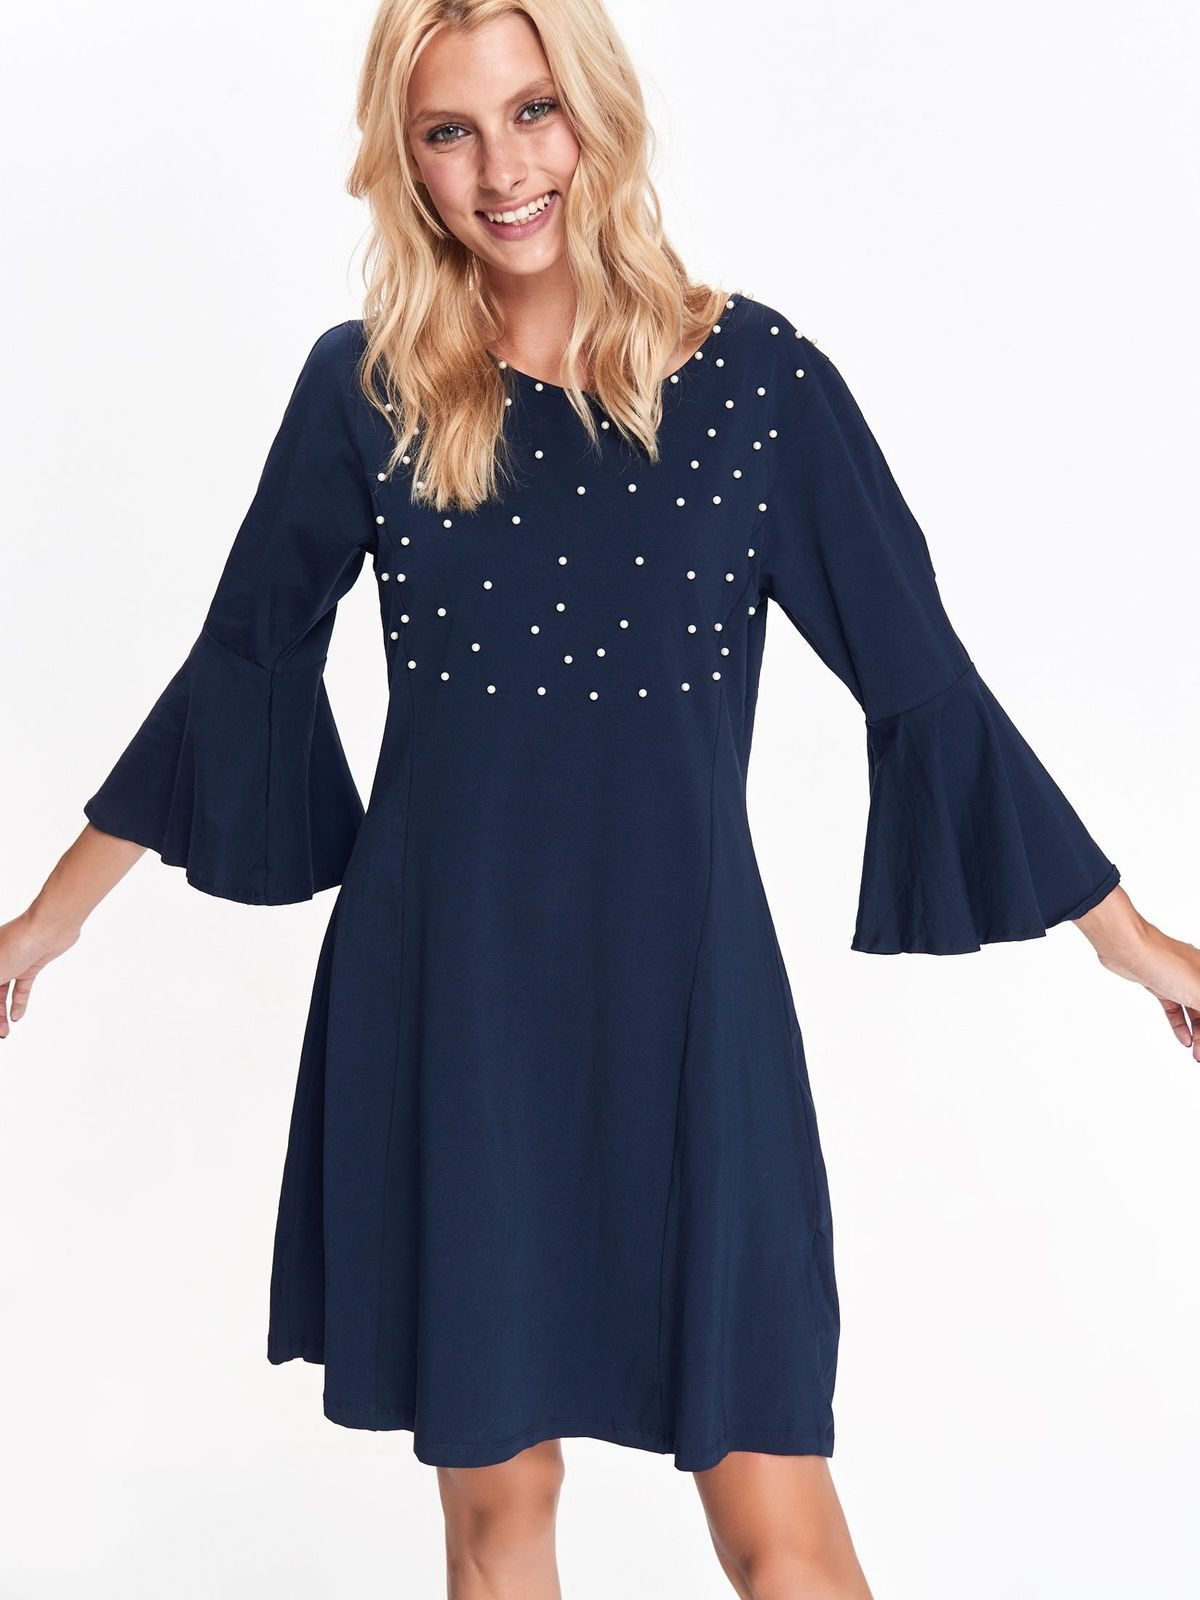 53ad84e8b7b4 Šaty modré s bielymi guličkami a zvonovými rukávmi